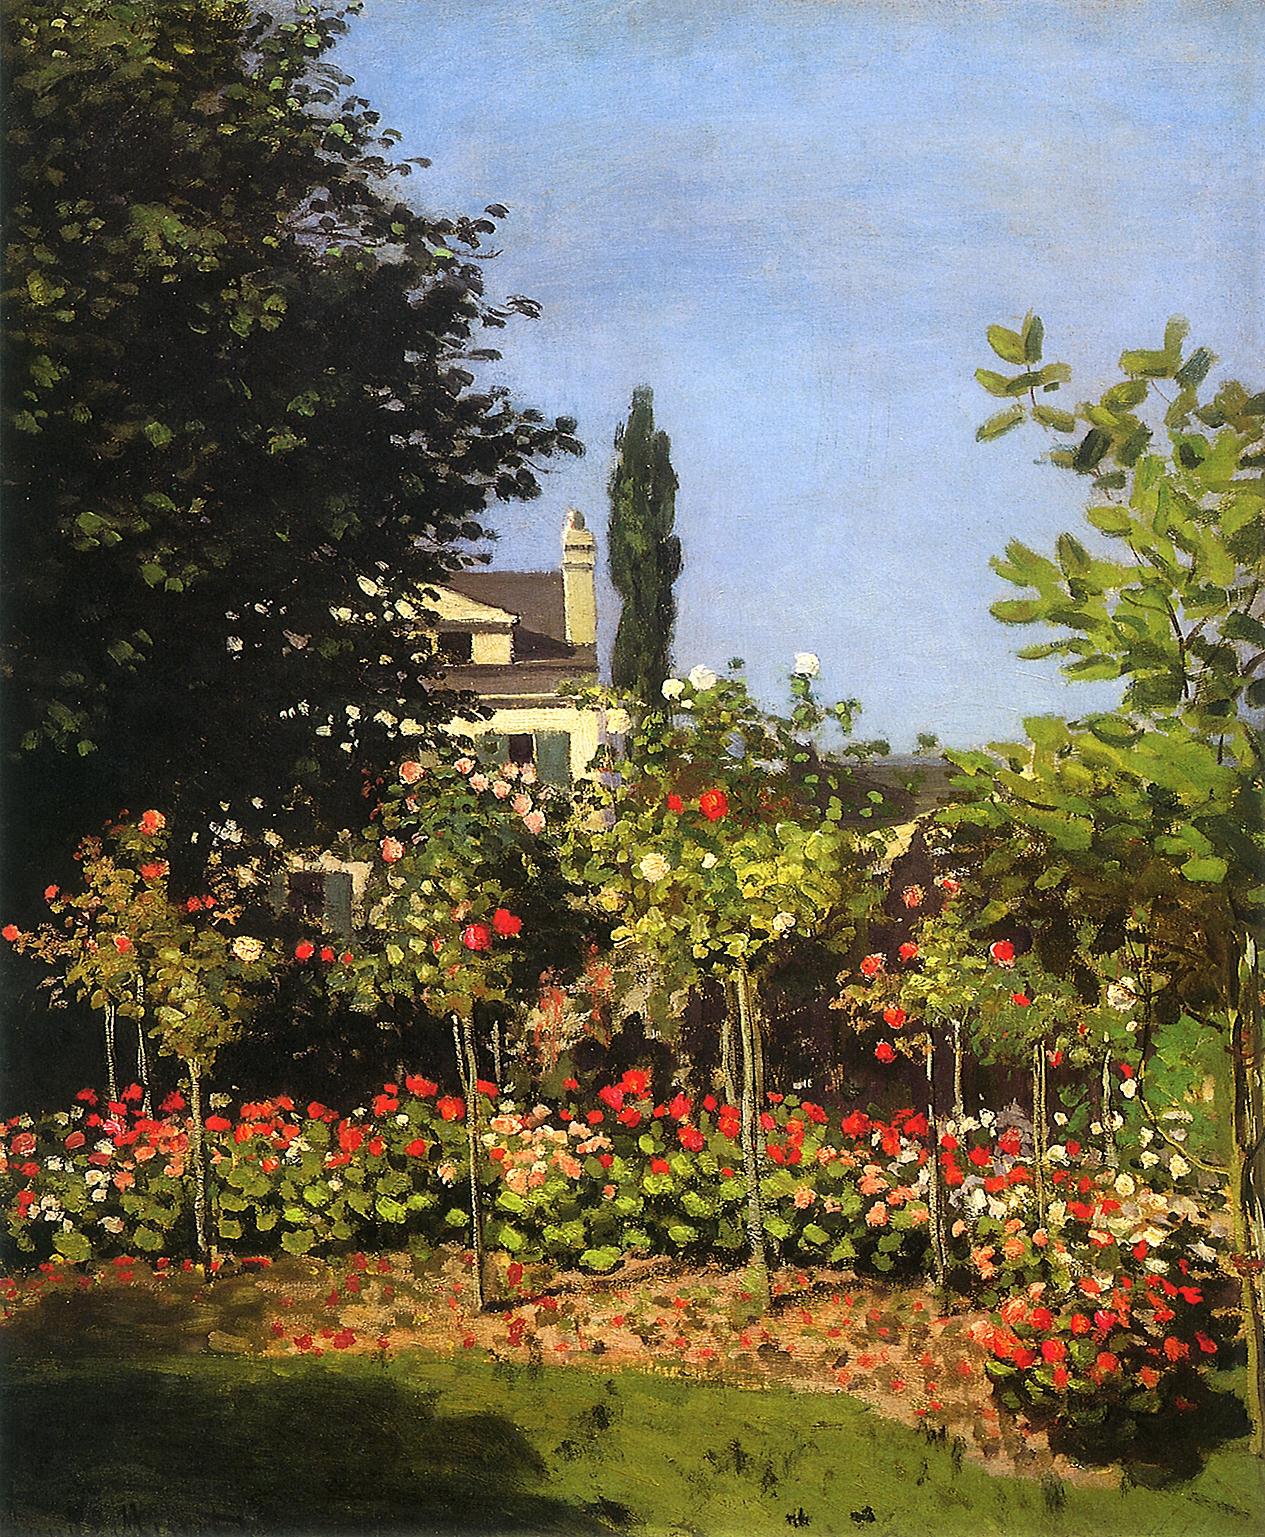 Garden in Bloom at Sainte-Addresse, 1866